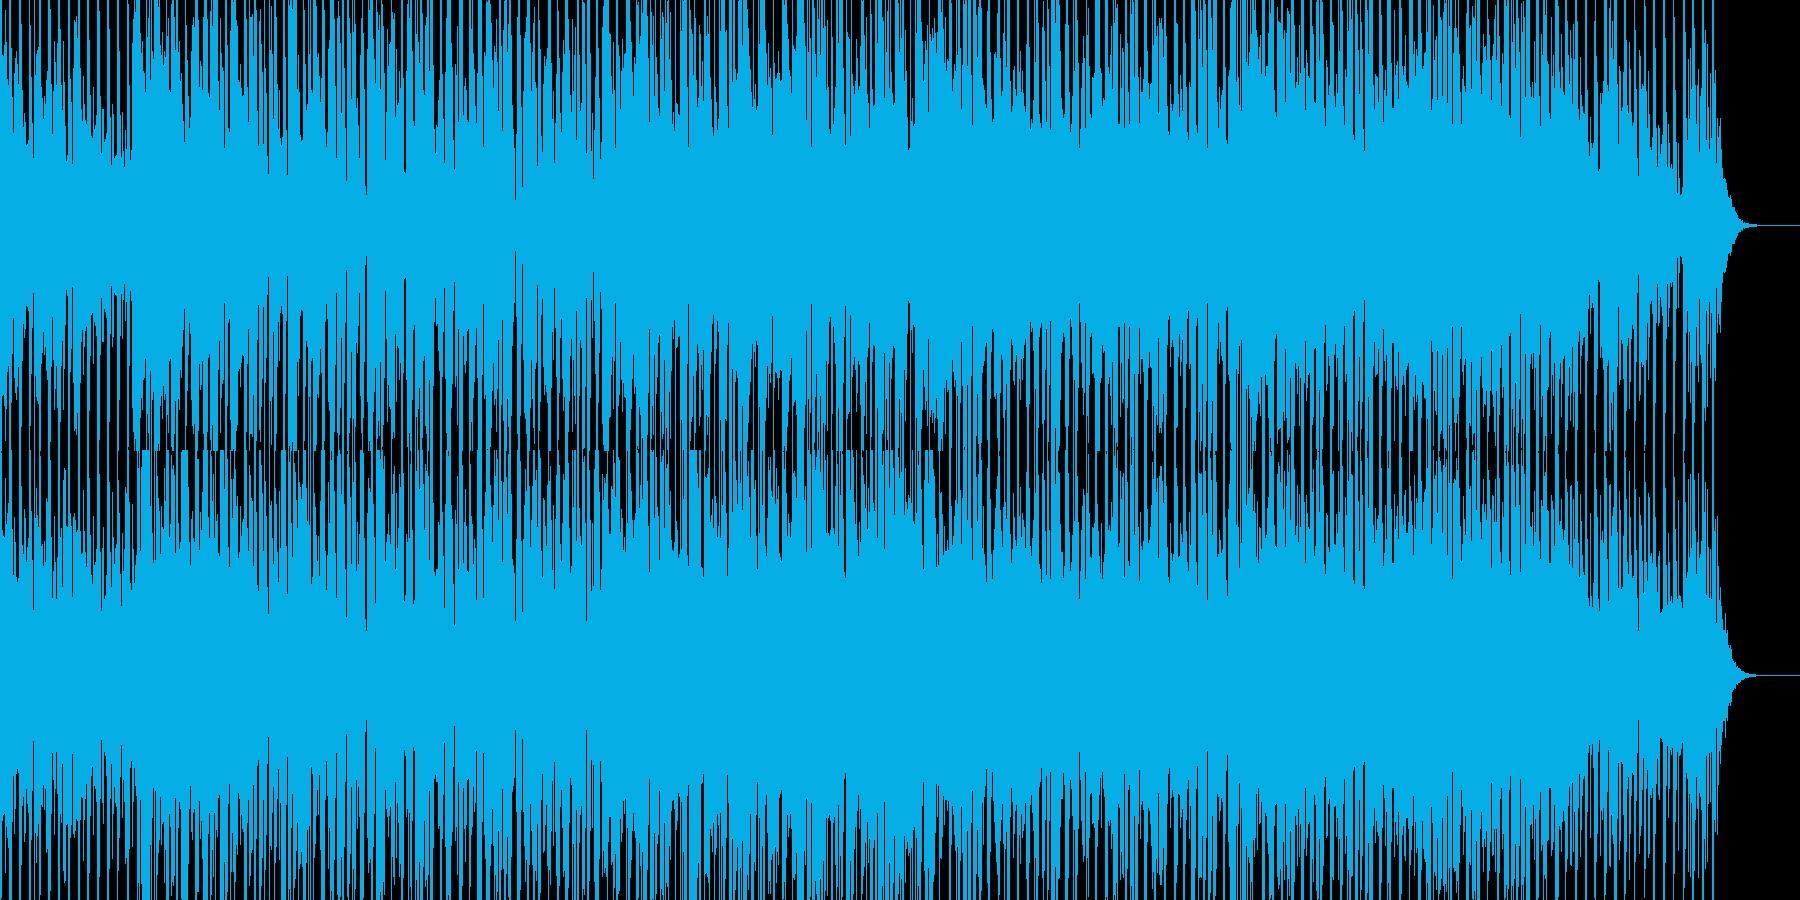 中華風のダンスミュージックの再生済みの波形